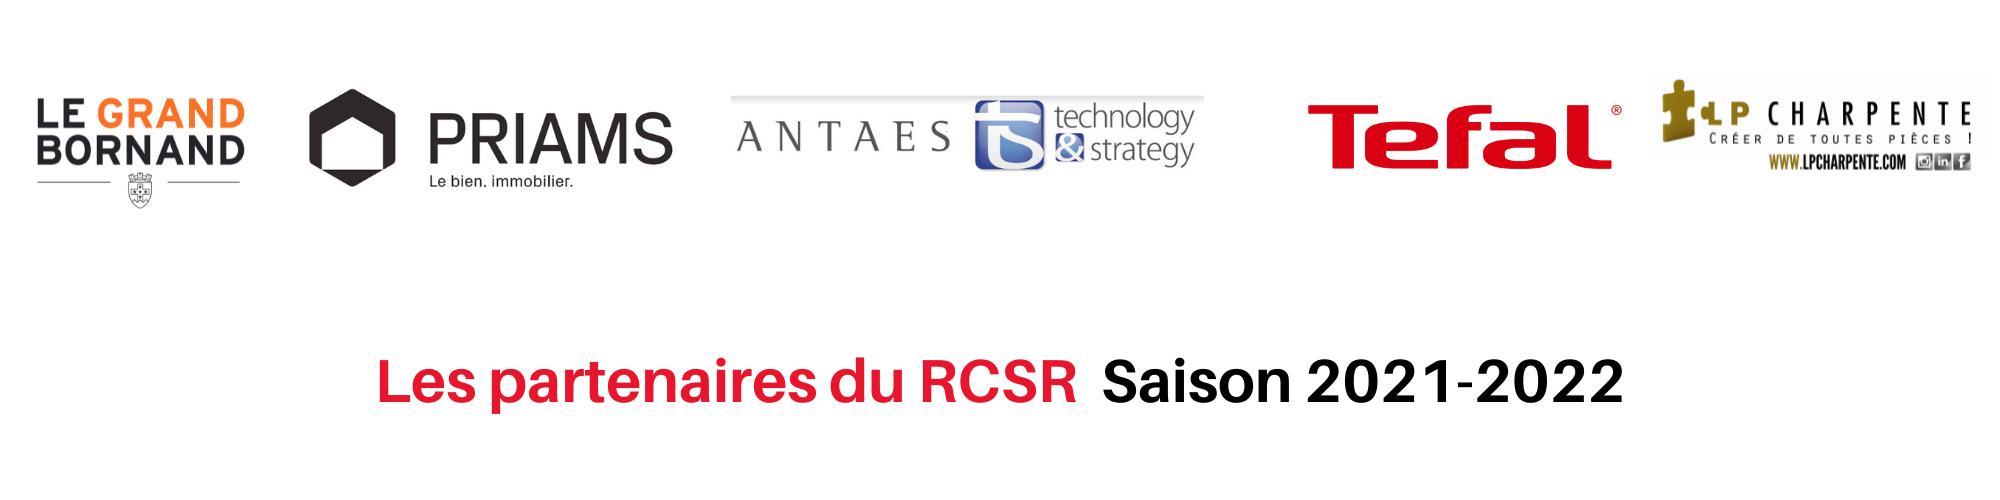 Les partenaires du RCSR Saison 2021-2022